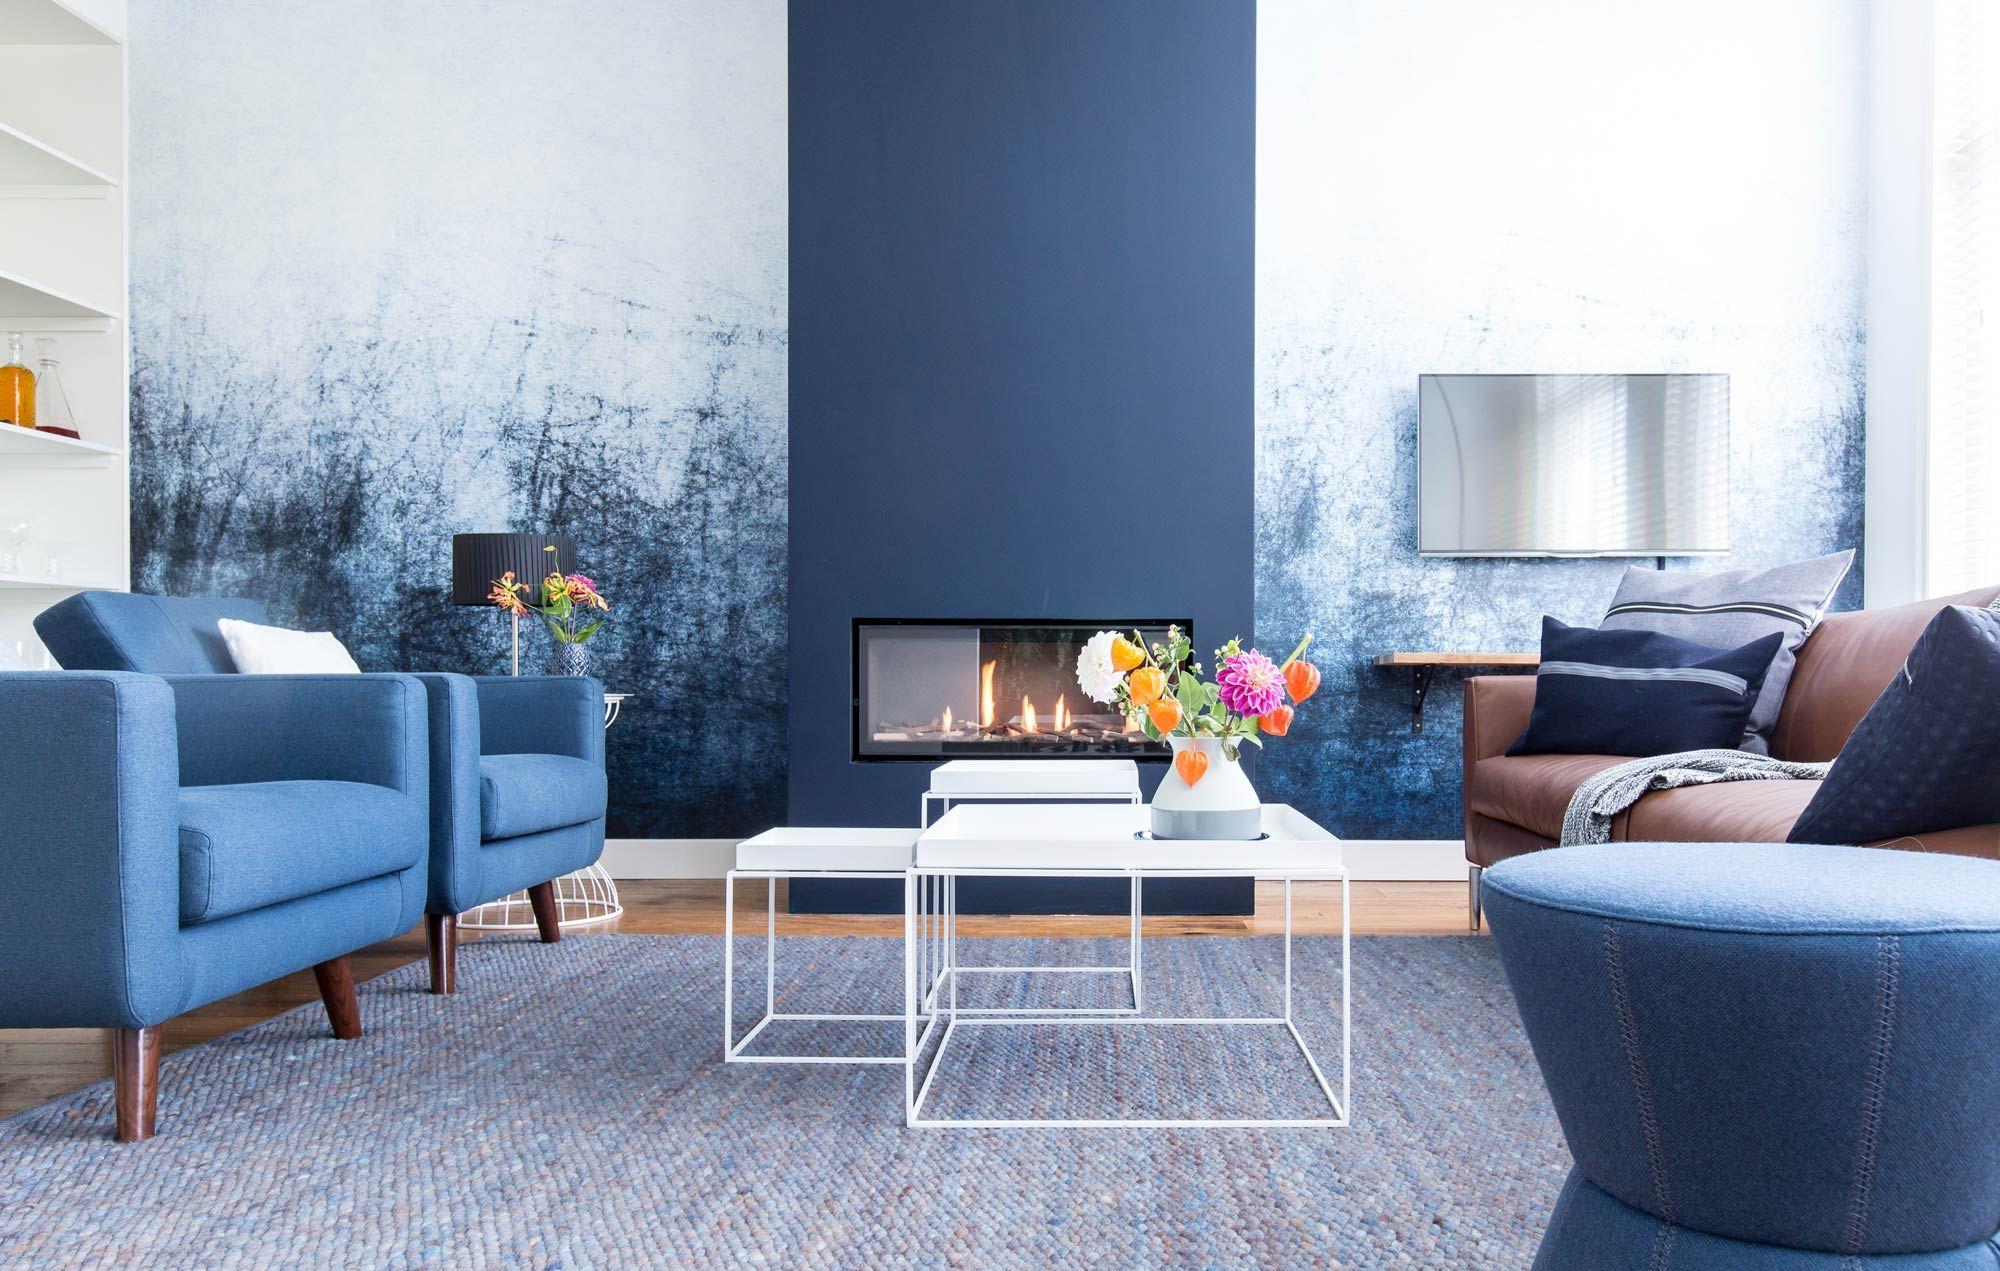 woonkamer blauw vt wonen weer verliefd op je huis 251015 ...